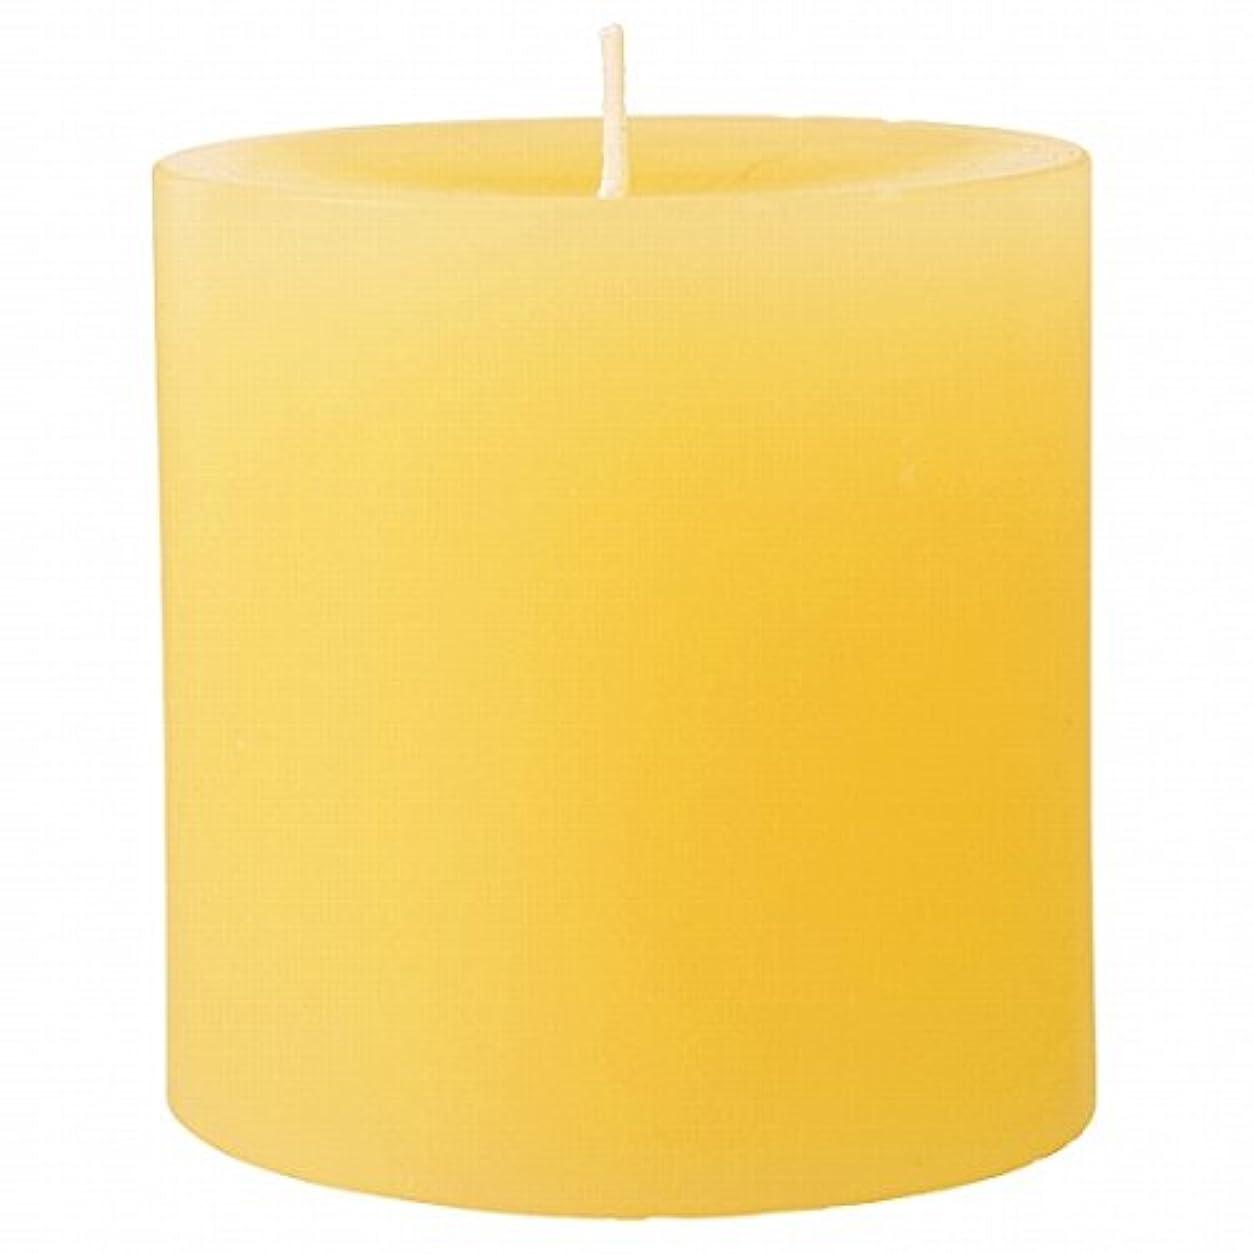 止まる一瞬ミリメートルカメヤマキャンドル(kameyama candle) 75×75ピラーキャンドル 「 アイボリー 」